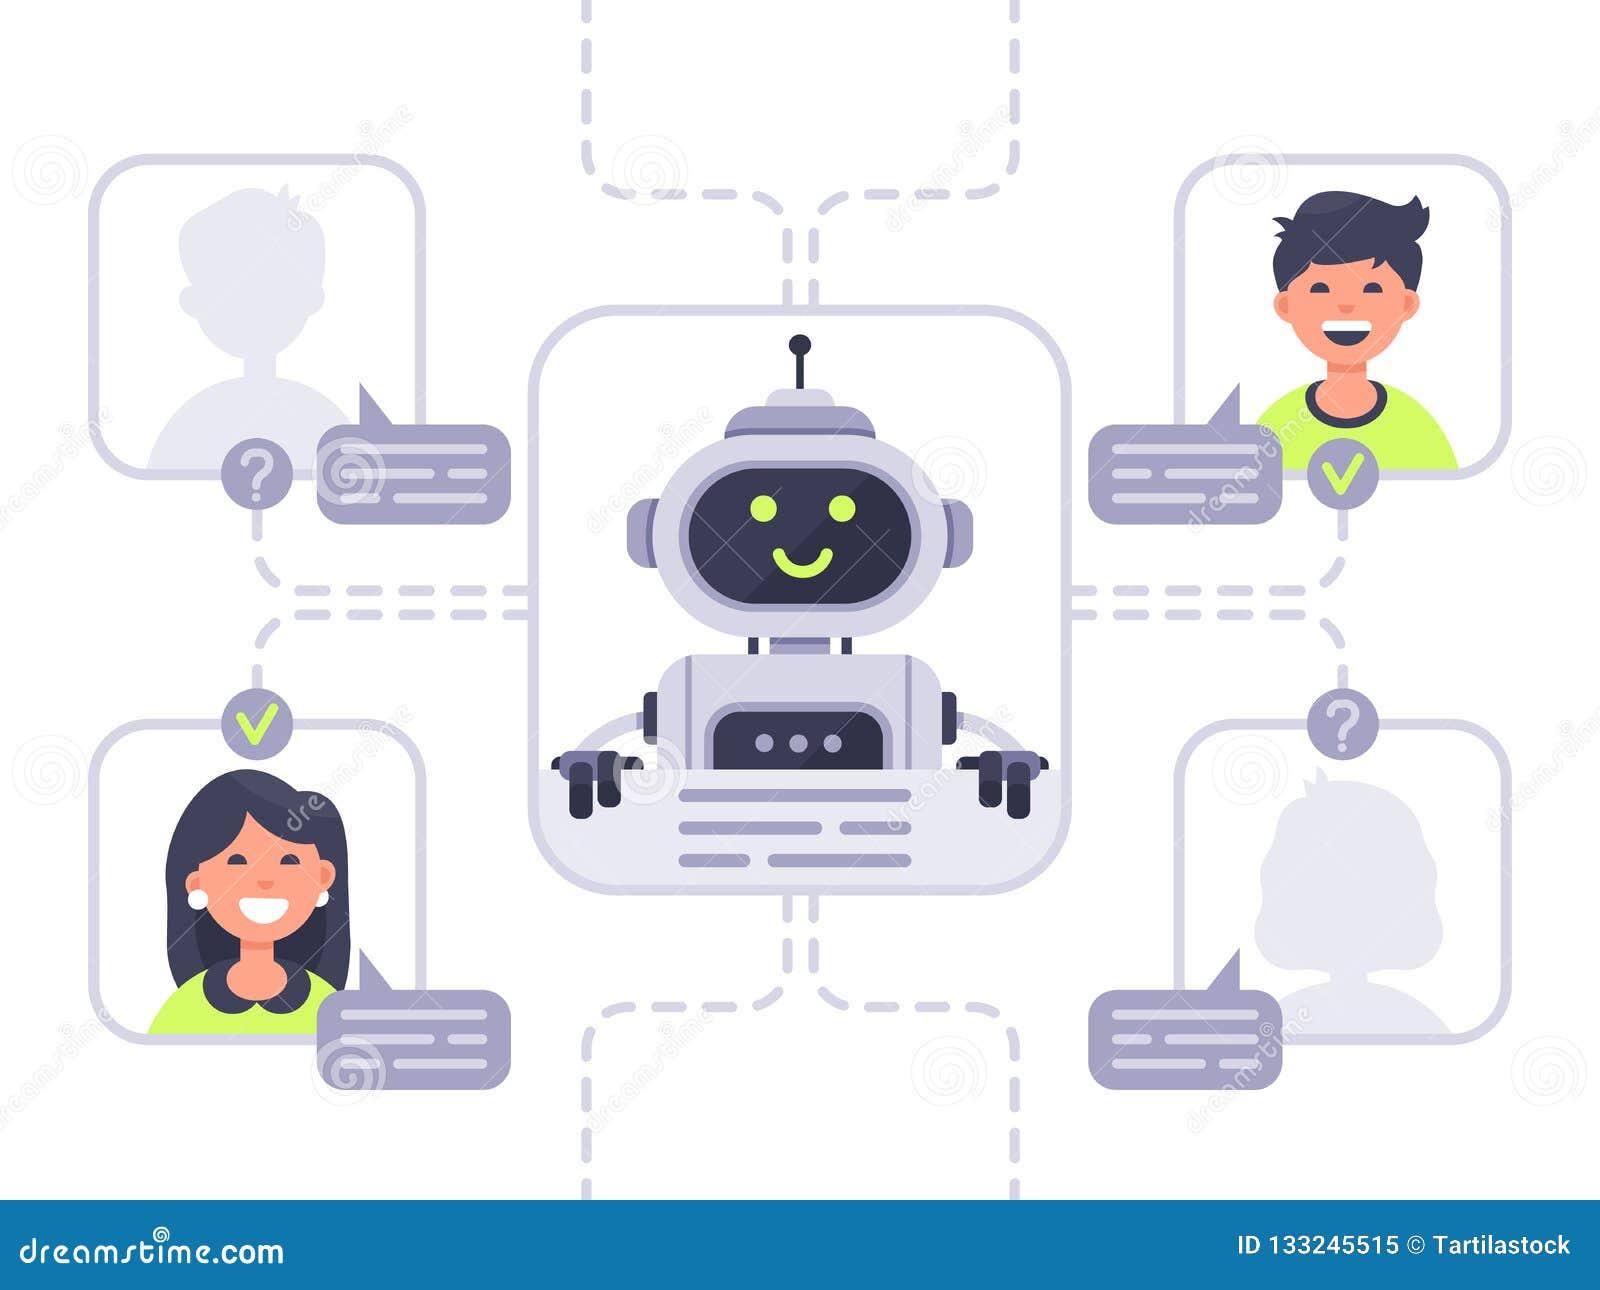 Humano comunica-se com o chatbot Assistente virtual, apoio e conversação em linha do auxílio com vetor do bot do bate-papo